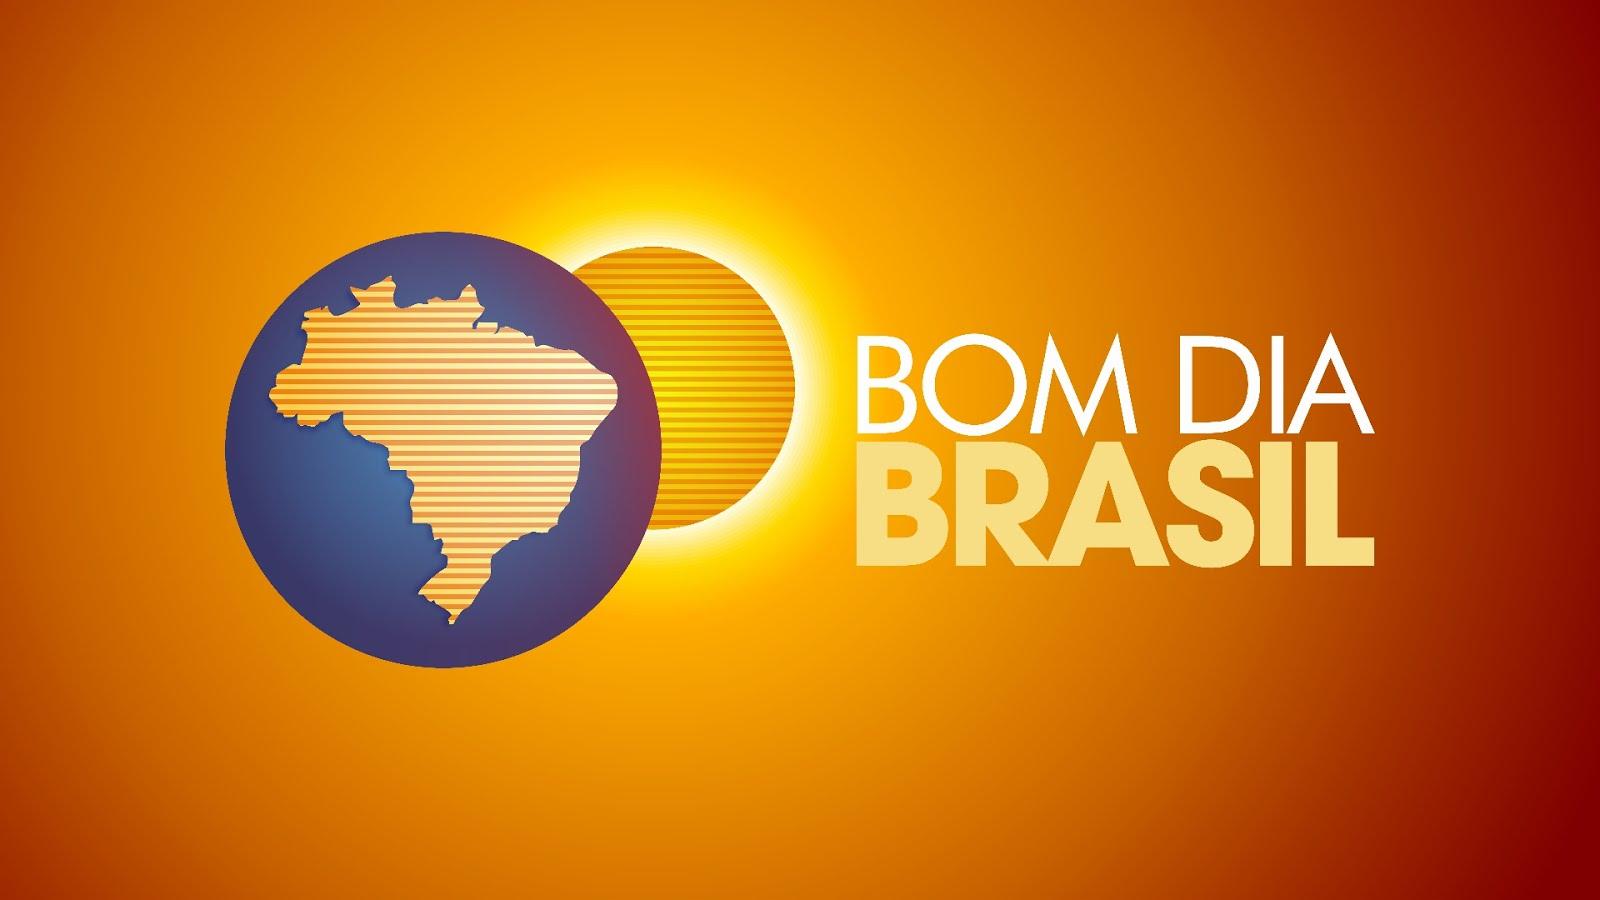 O brasileiro está investindo mais em consórcios - Bom Dia Brasil